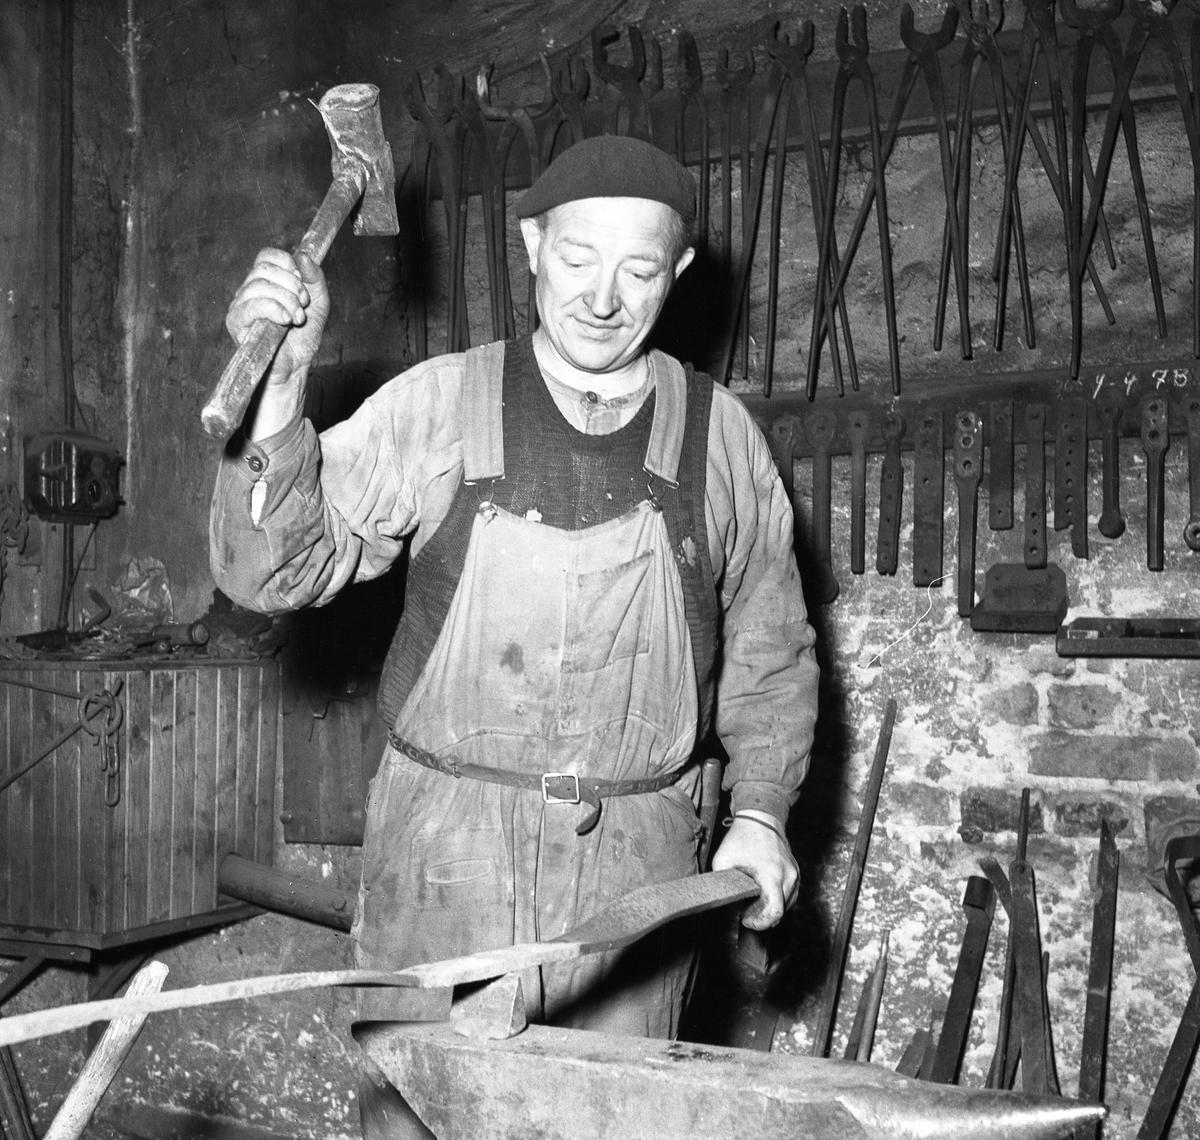 Albin Zander, smed på Jäders bruk. Man klädd i basker och förkläde. Han håller ett verktyg i handen. På väggen hänger tänger och andra verktyg. Han befinner sig i smedjan.  Bilden togs, till en artikel i Arboga Tidning, som handlade om kommunsammanläggningen.